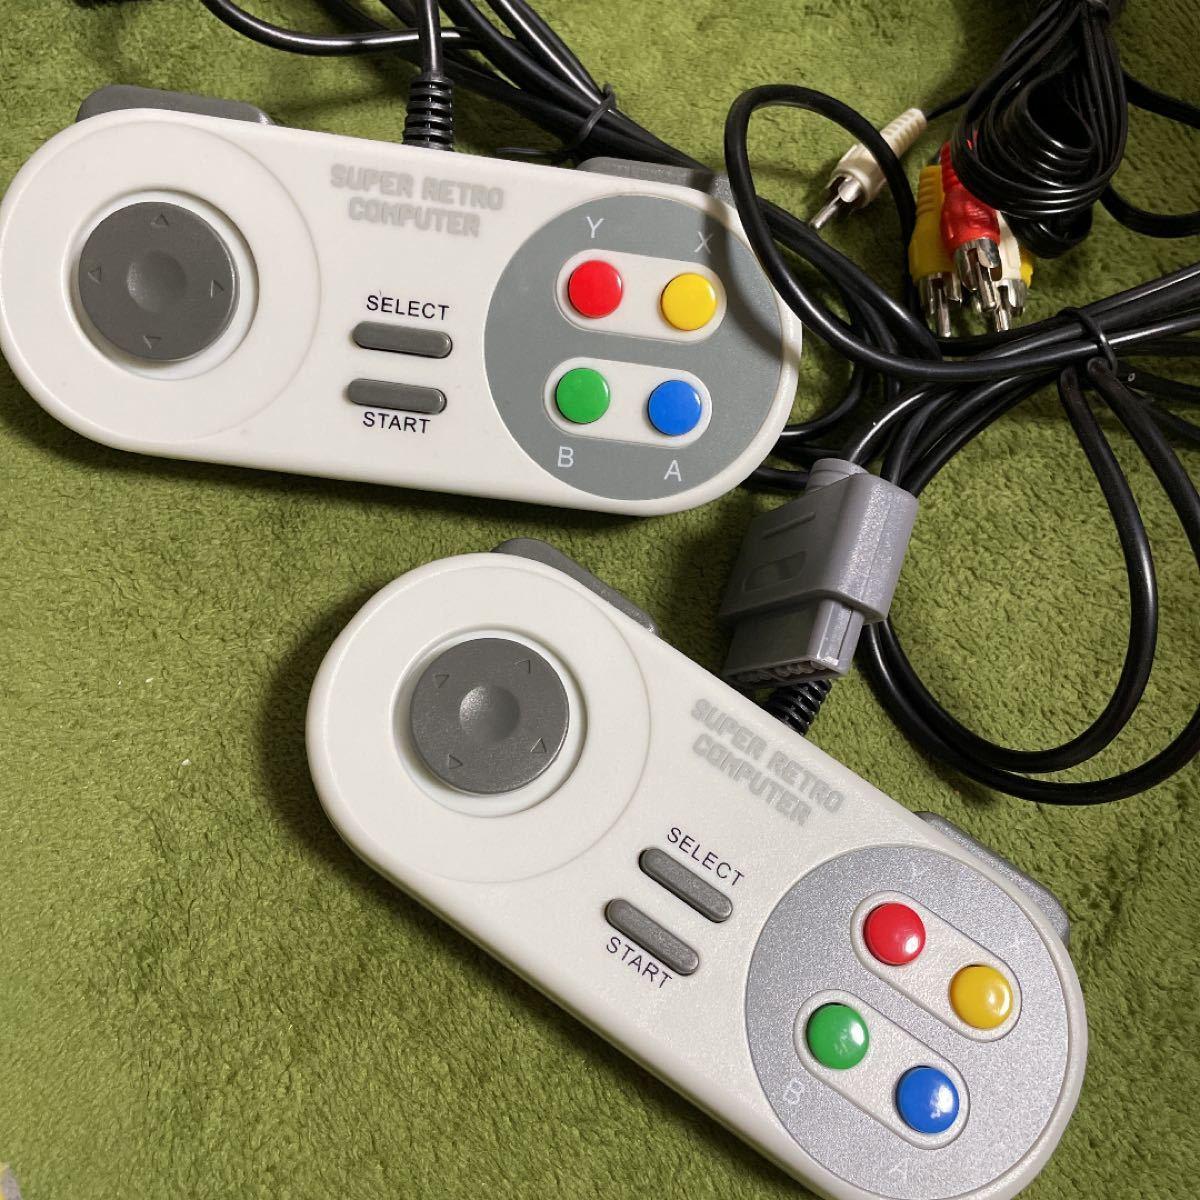 スーパーファミコン互換ゲーム機  カセット ソフト付き